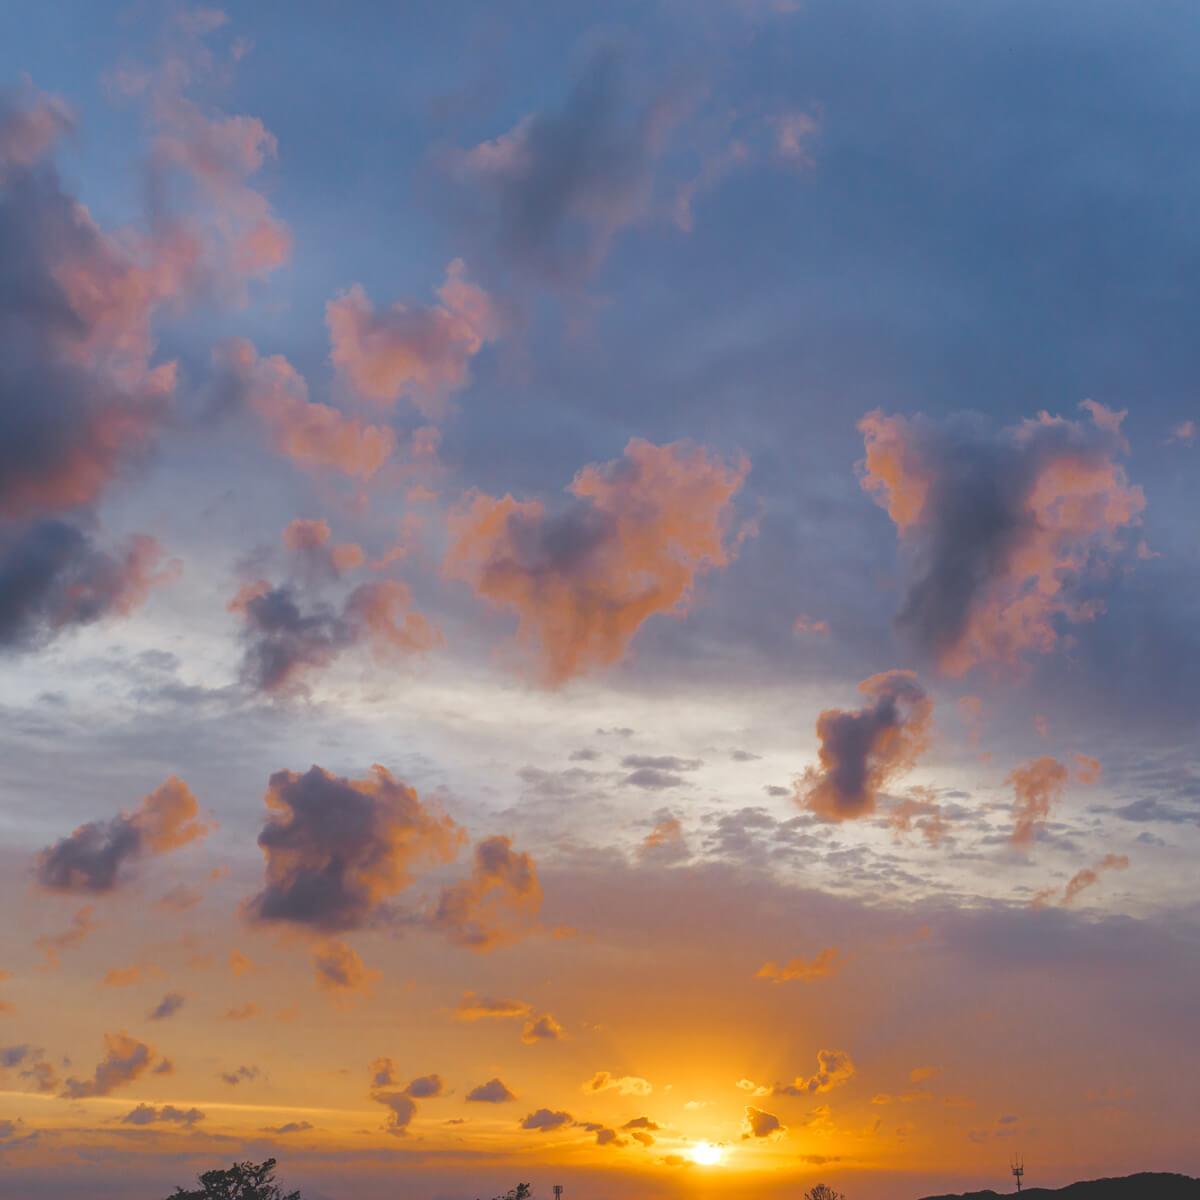 屋久島の夕日 オーダーメイドマリッジリングのインスピレーション 屋久島日々の暮らしとジュエリー